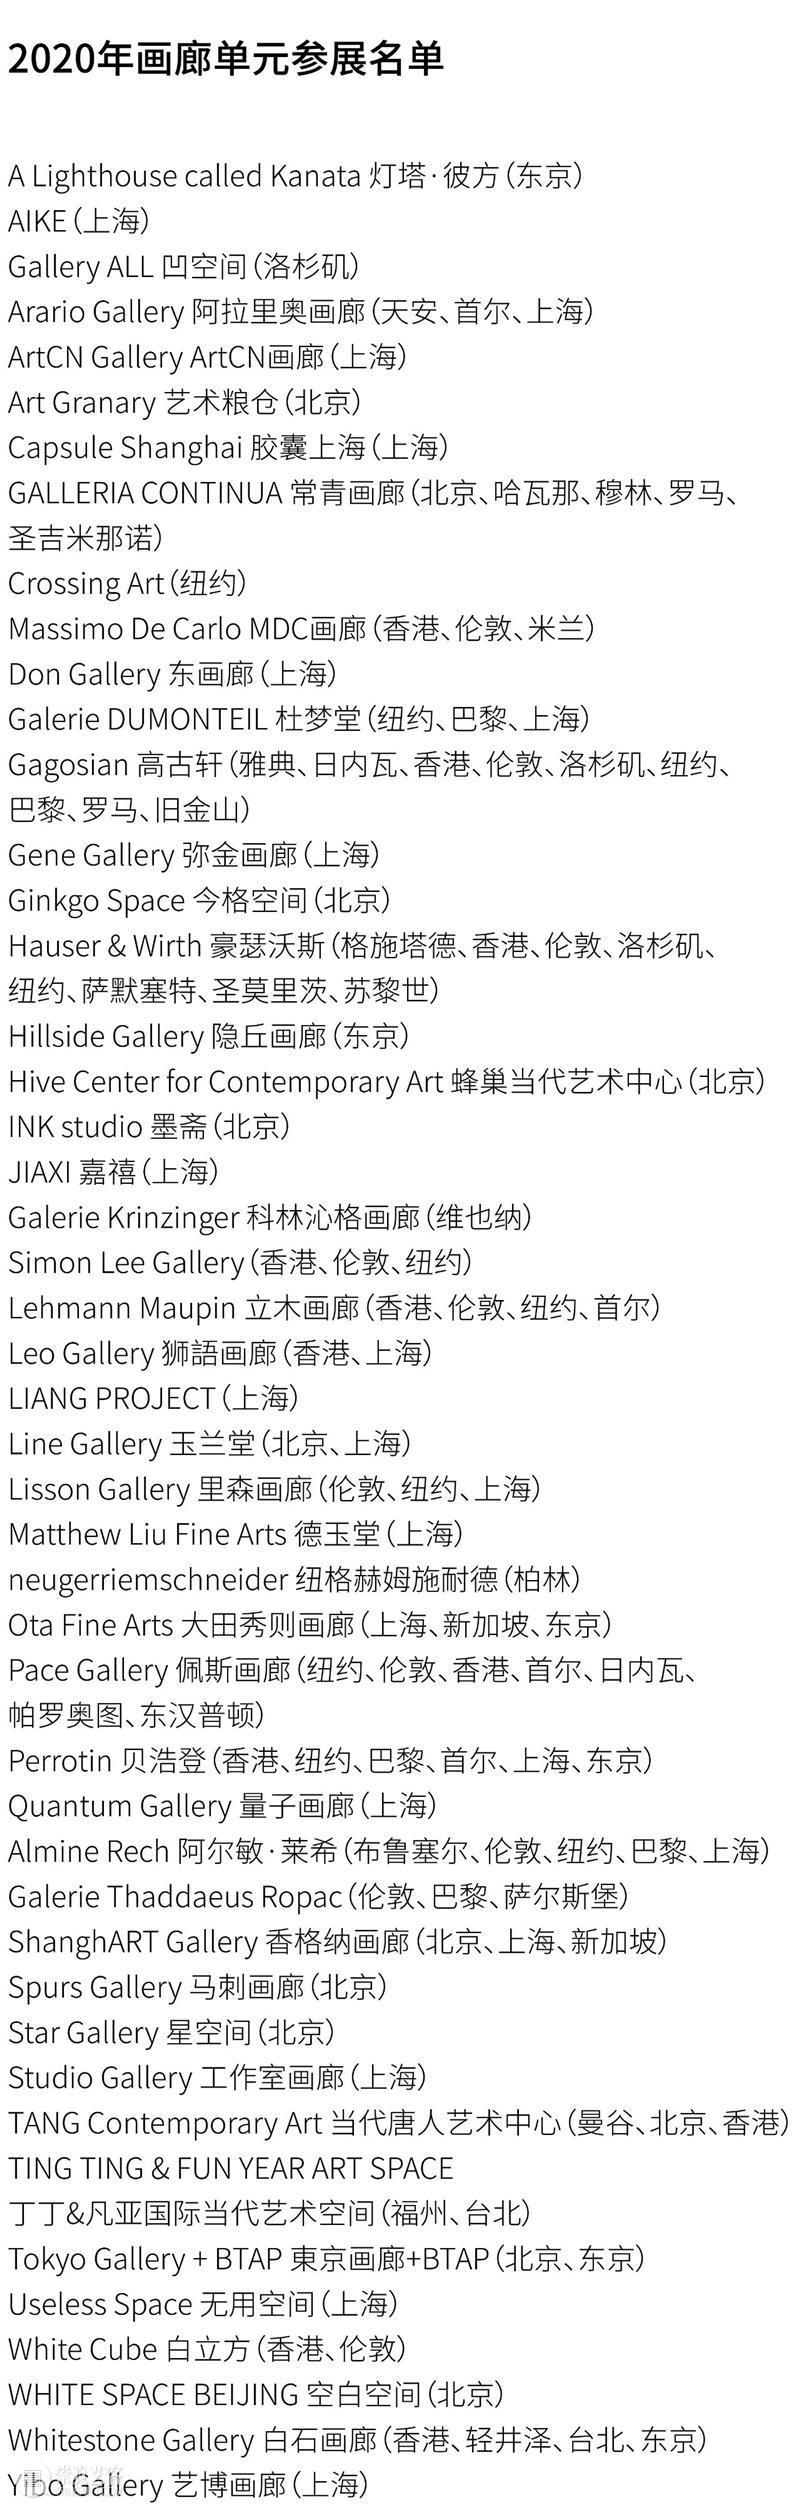 上海秋季艺术盛会如约而至丨第七届西岸博览会公布画廊单元名单  西岸艺术与设计博览会 瑞银集团 上海西岸艺术中心 上海秋季艺术盛会 上海国际艺术品交易月 西岸博览会 崇真艺客